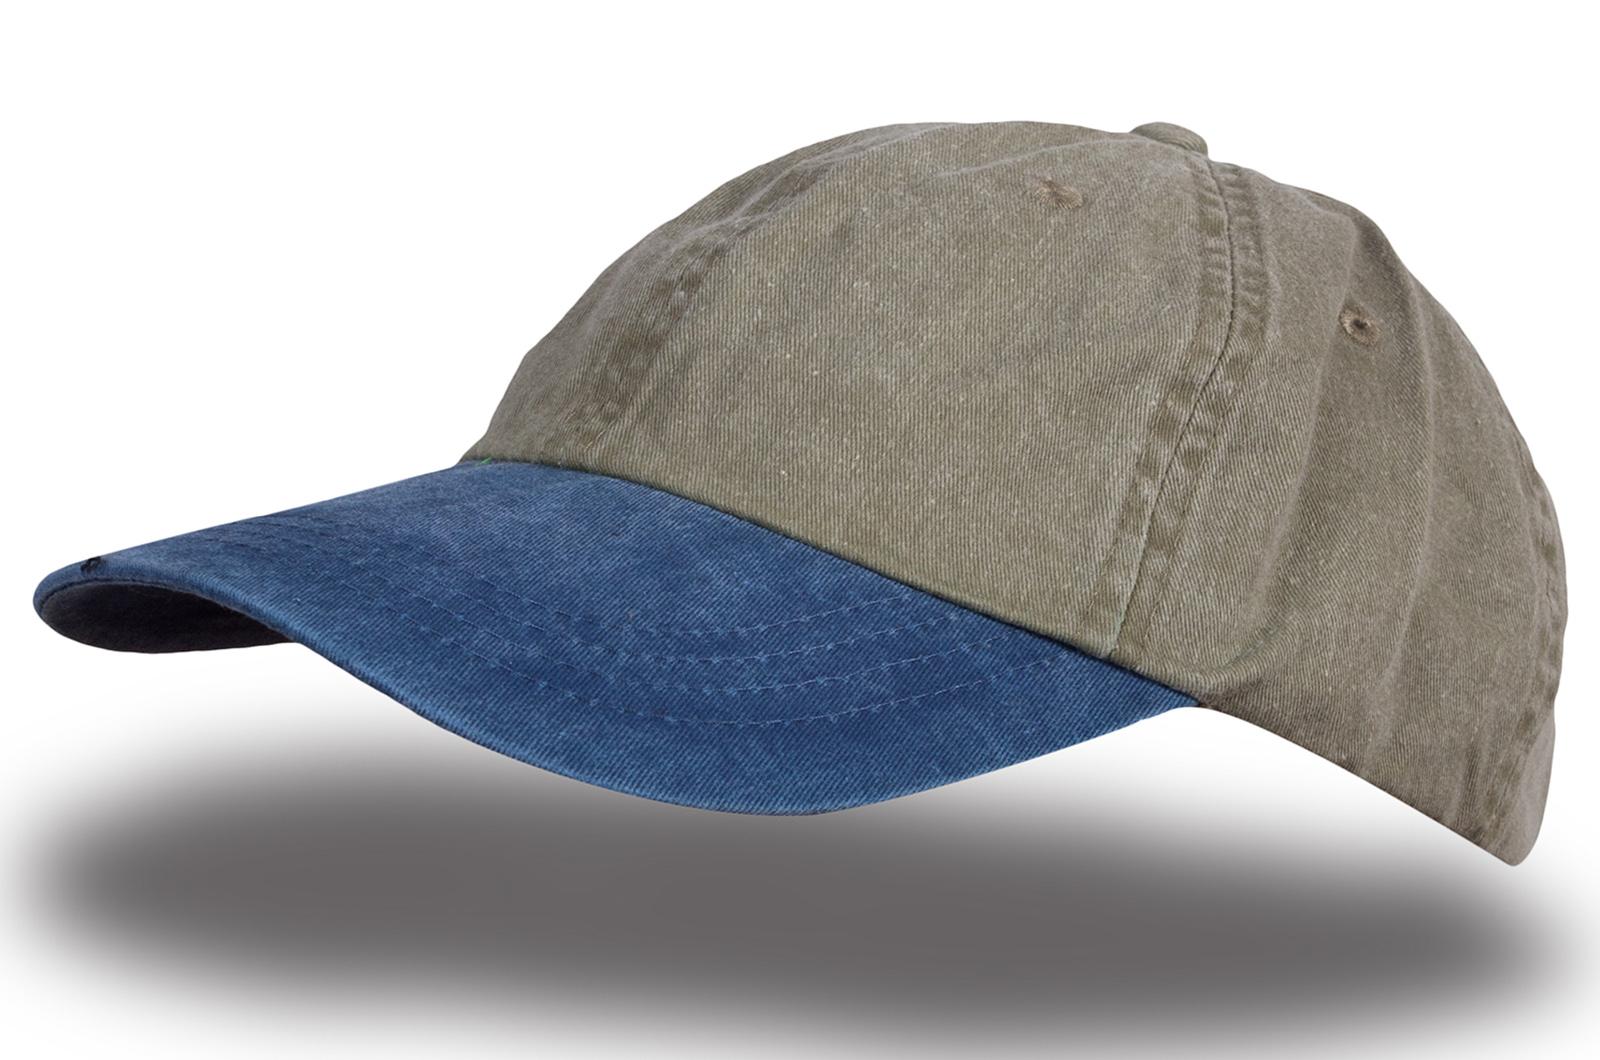 Кепка меланж синяя с серым - купить в интернет-магазине с доставкой